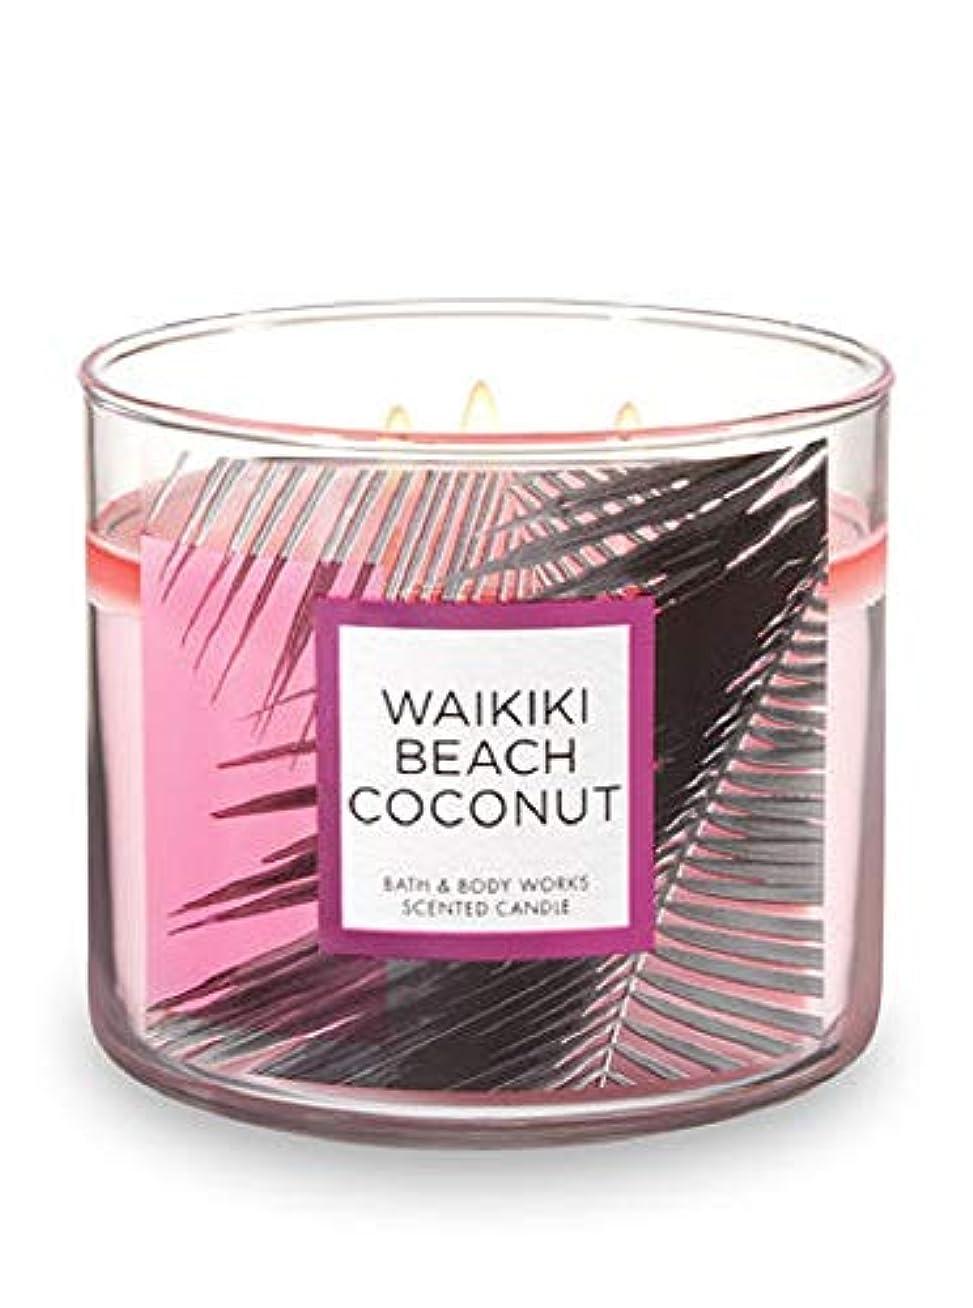 うぬぼれたサッカー発生するBath and Body Works 3 Wick Scented Waikiki Beach Coconut 430ml with Essential Oils